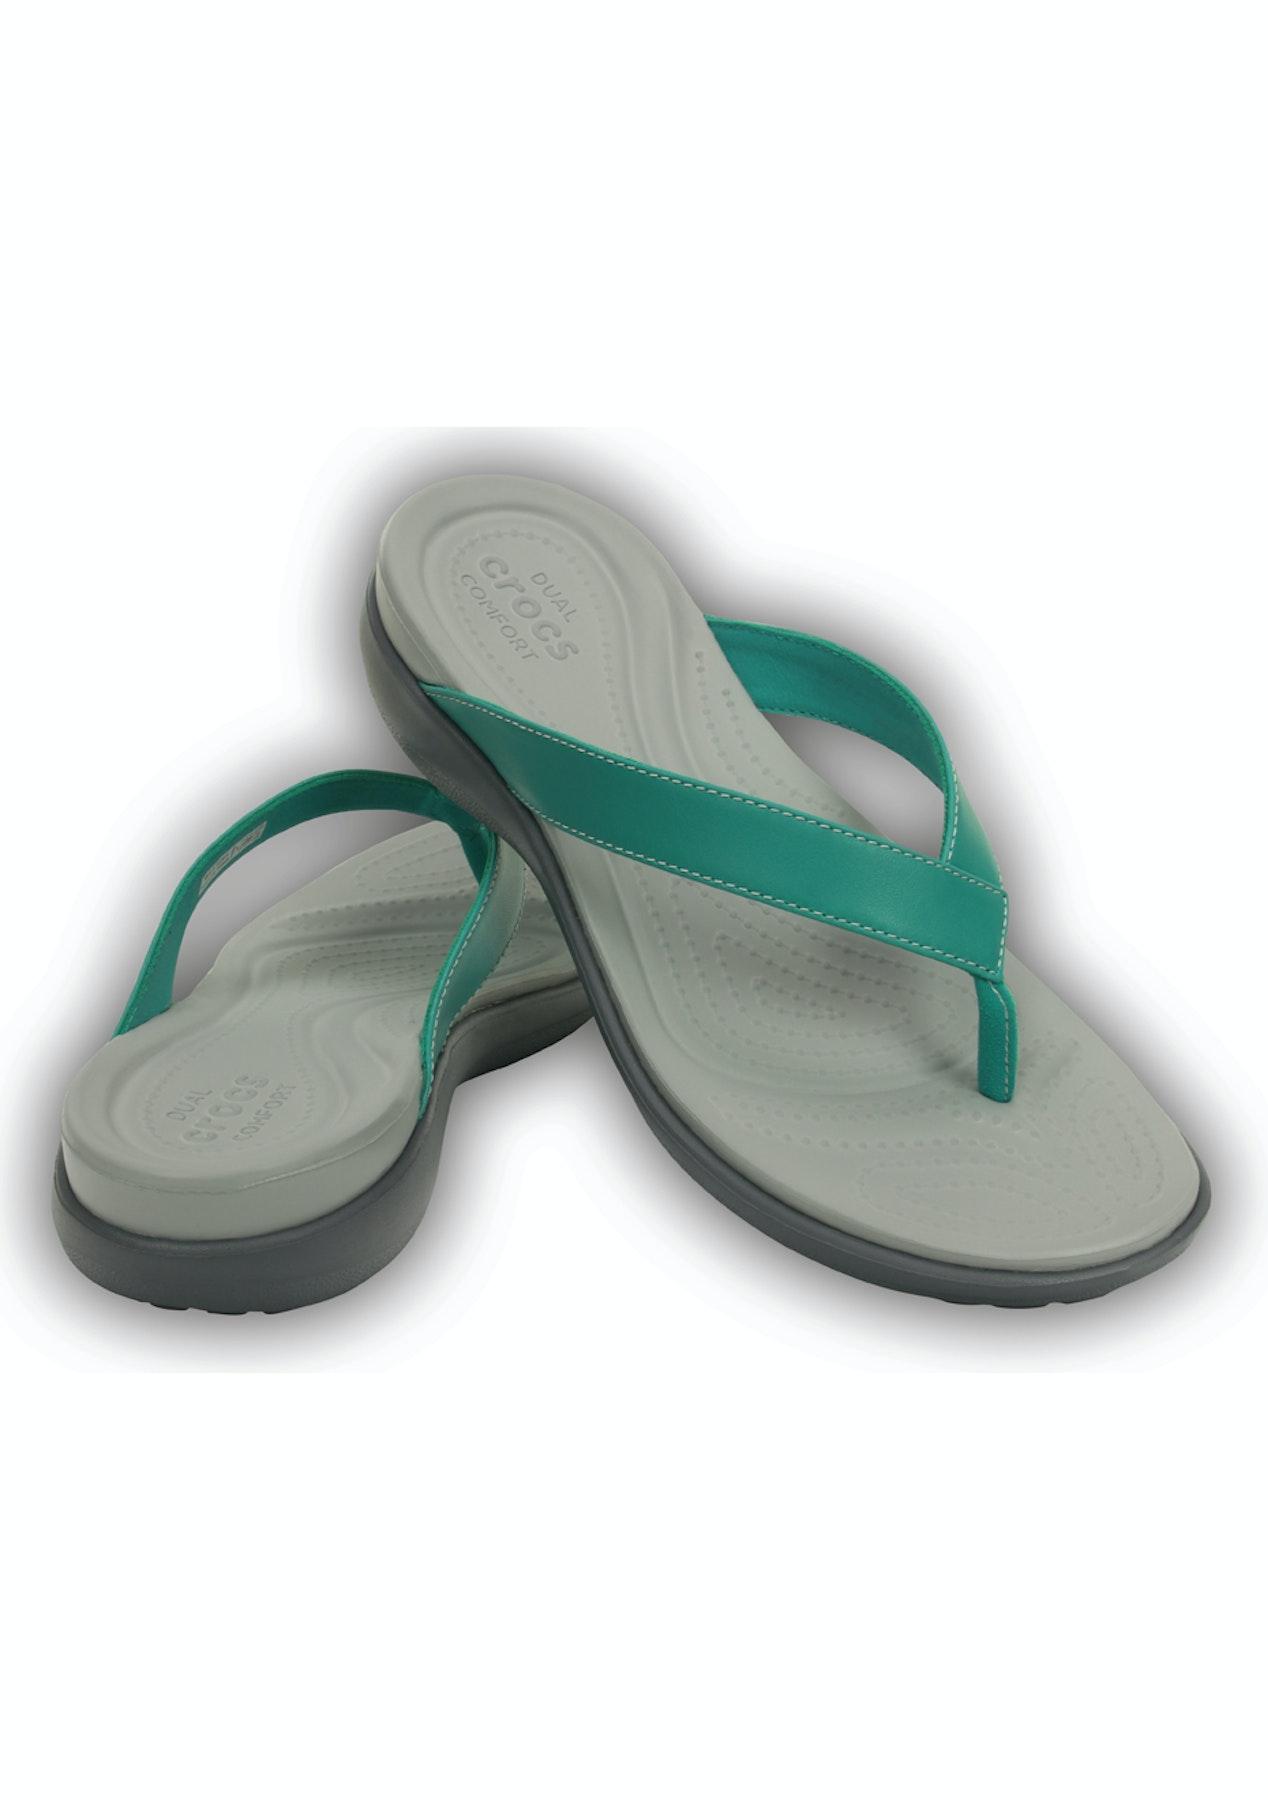 99855c65d033 CROCS - Womens Capri V Flip - Teal - Crocs - Onceit